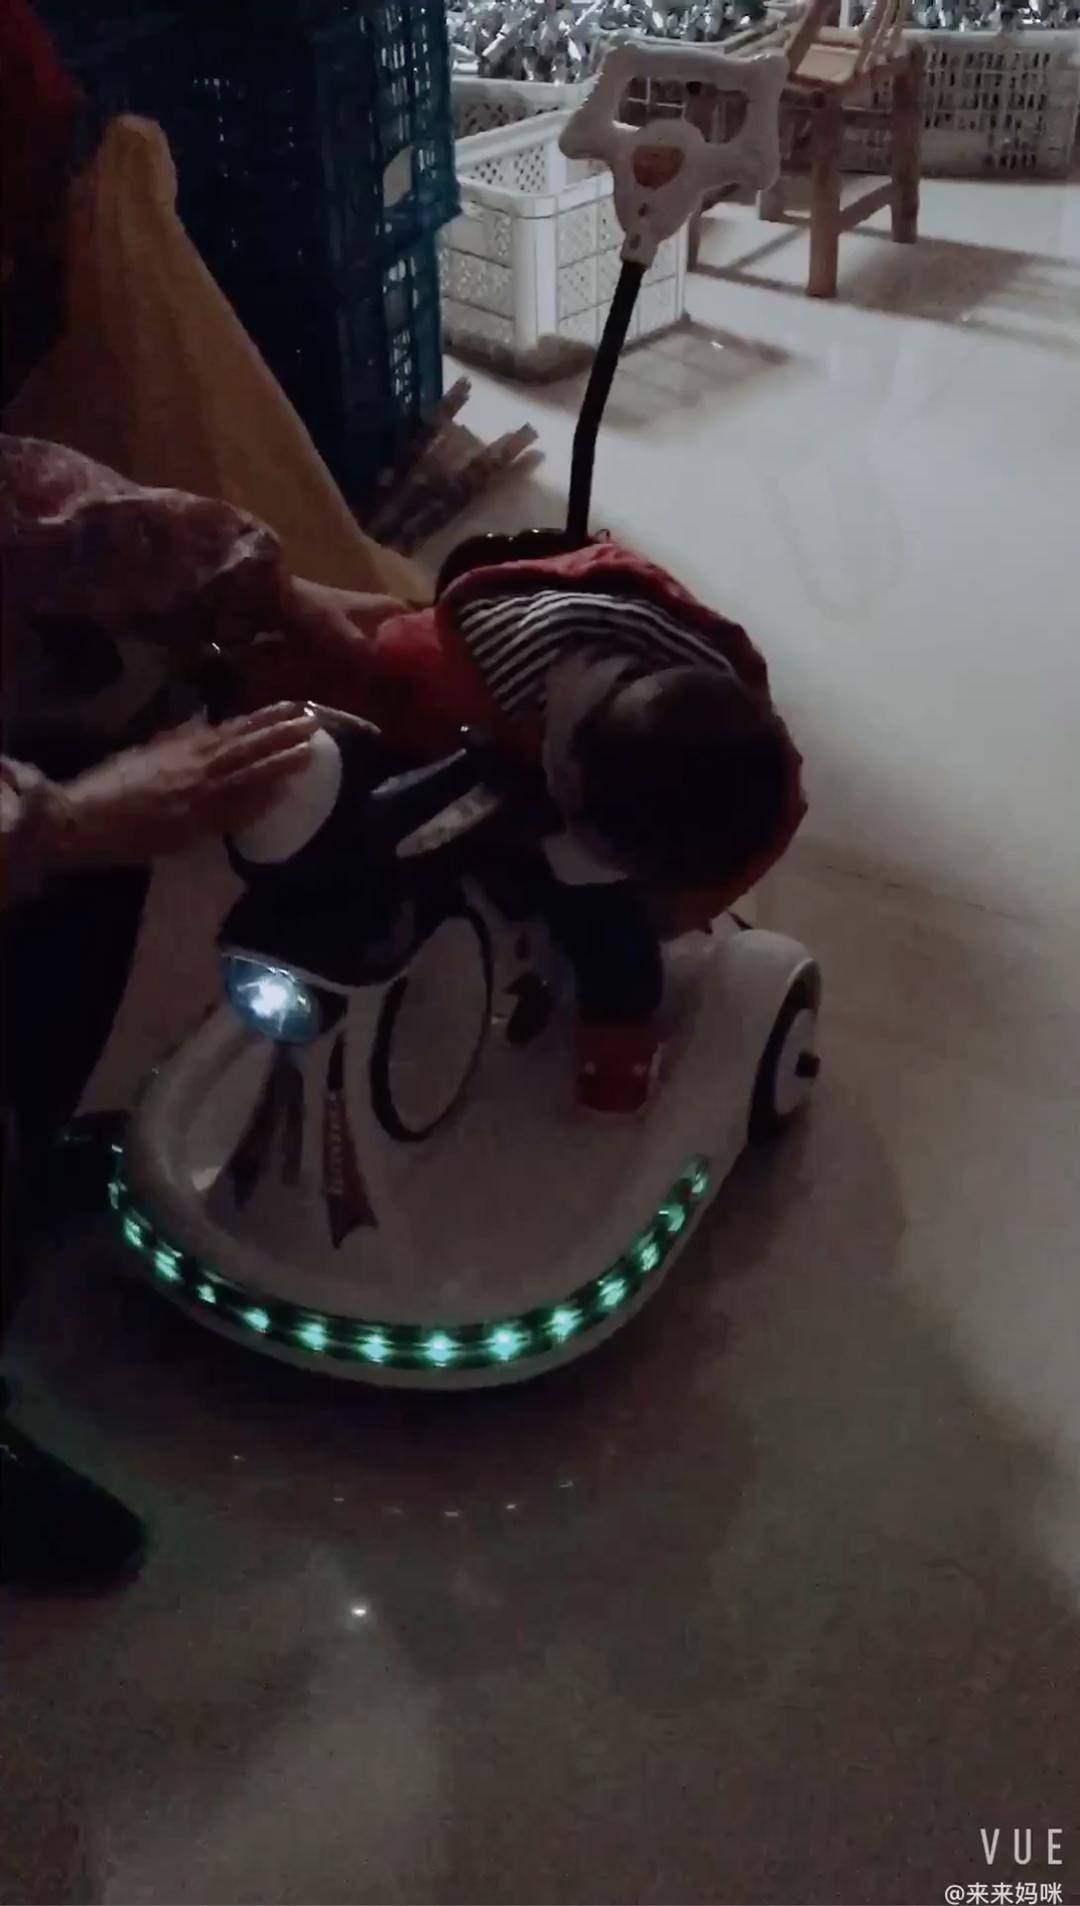 Chạy được quãng đường đi điều khiển từ xa đi xe trên đồ chơi xe hơi thương mại trẻ em điện mini xe cho trẻ em